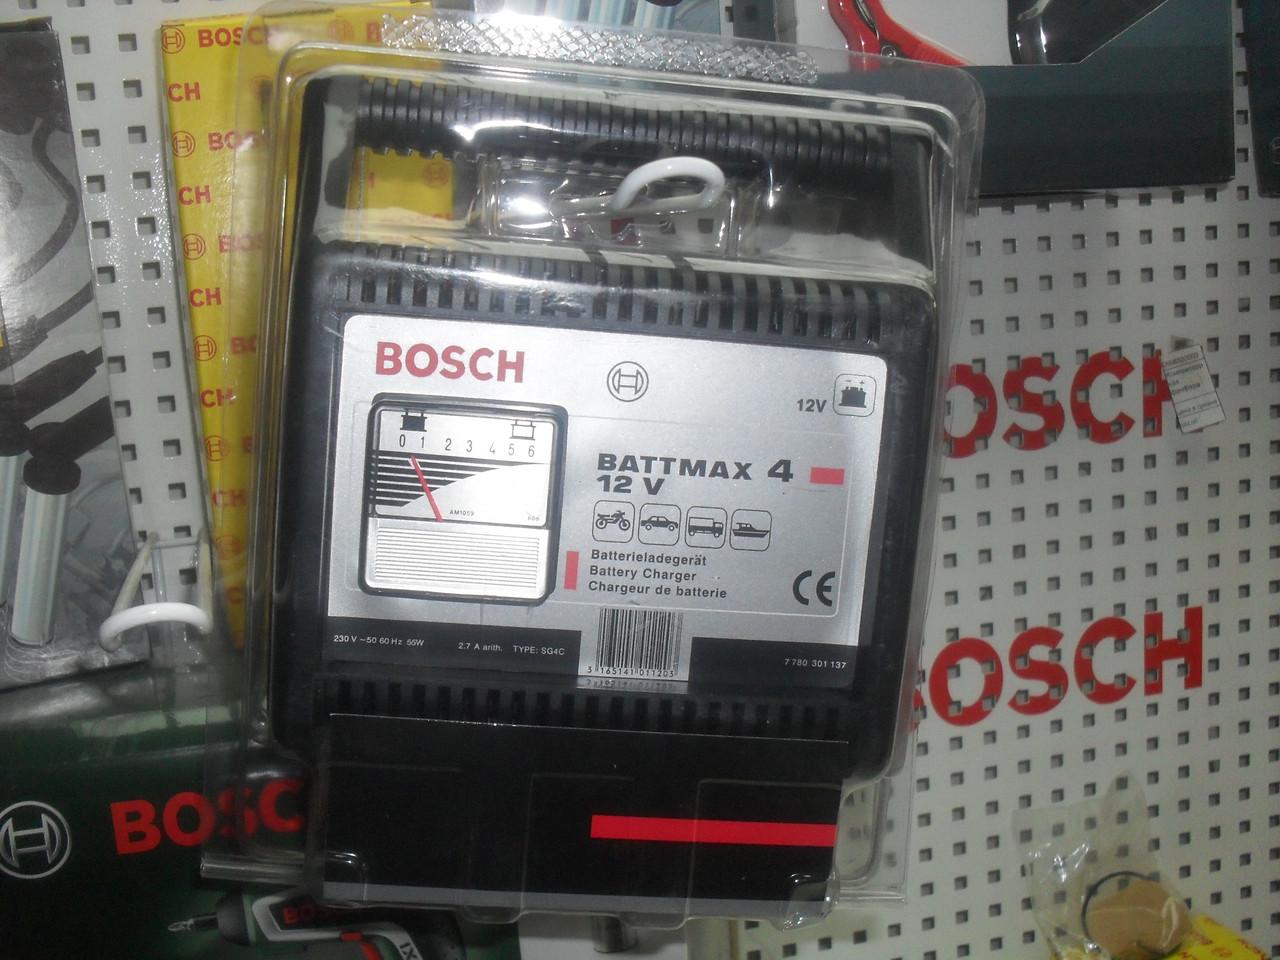 Автомобильное зарядное устройство Bosch Battmax 4 7780301137, BAT, 7 780 301 137, bat4